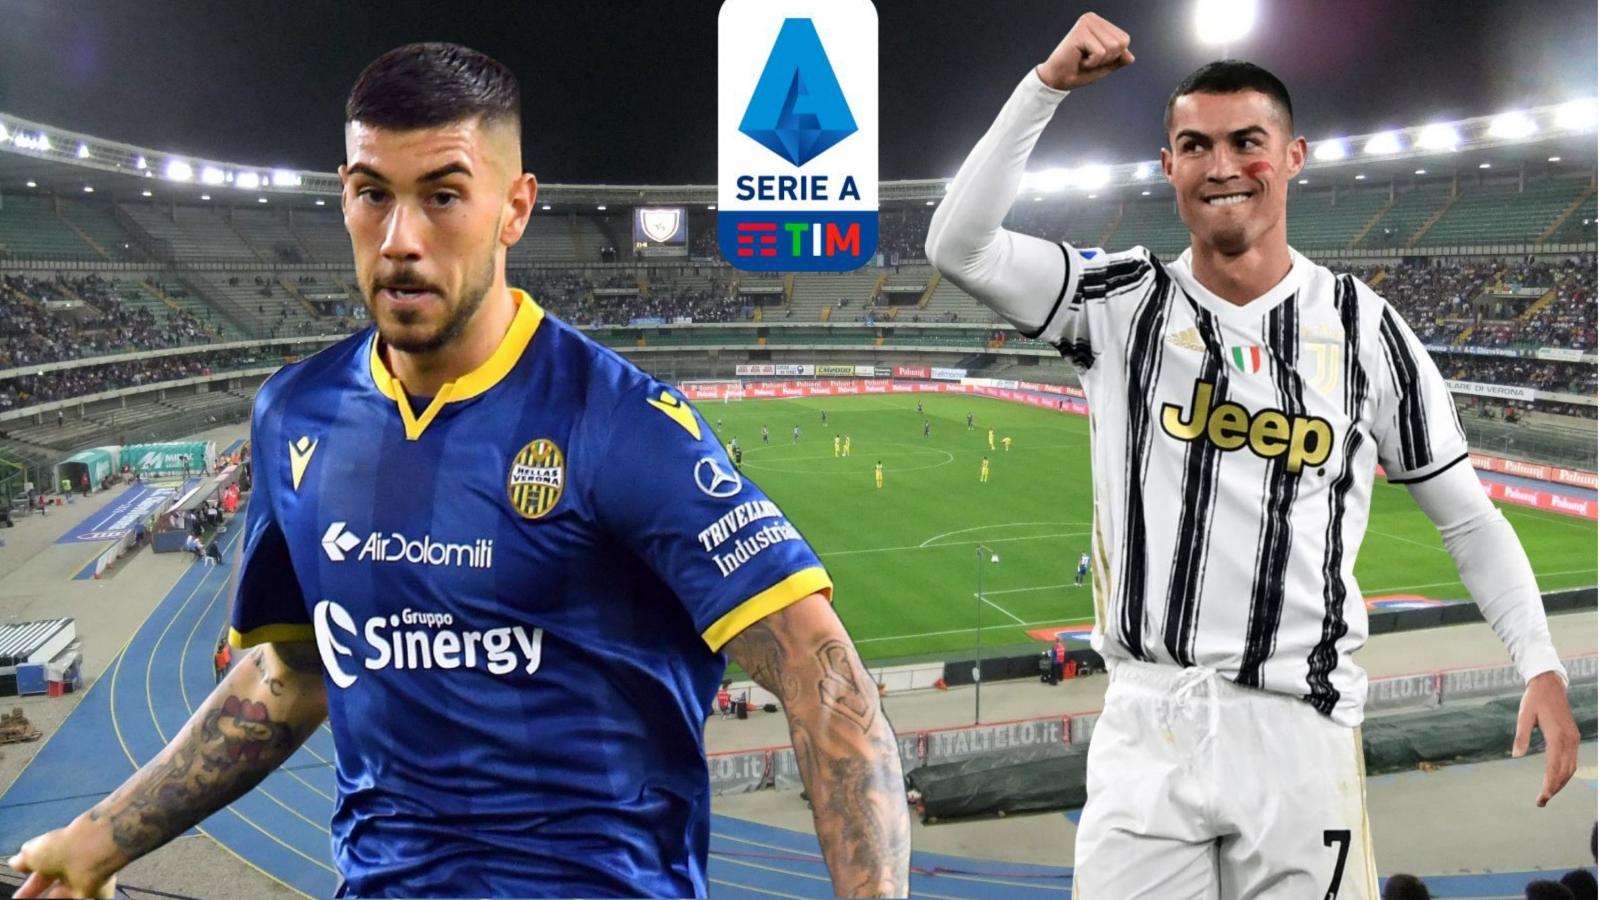 Dự đoán kết quả, đội hình xuất phát trận Verona - Juventus